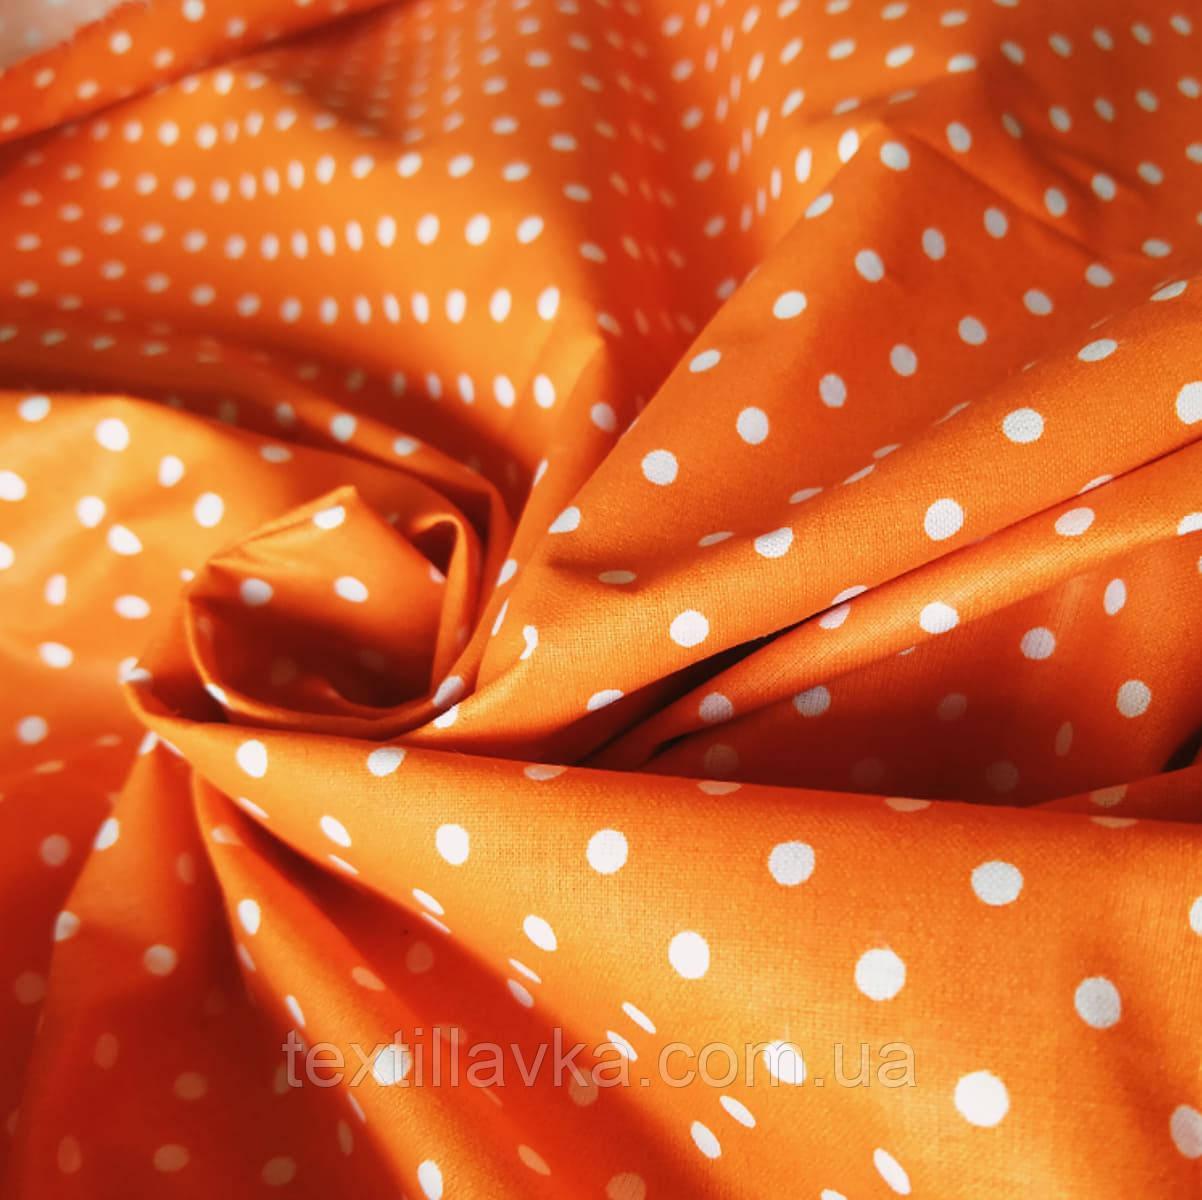 Тканина бавовна коричневі зірочки на пастельно-жовтому фоні